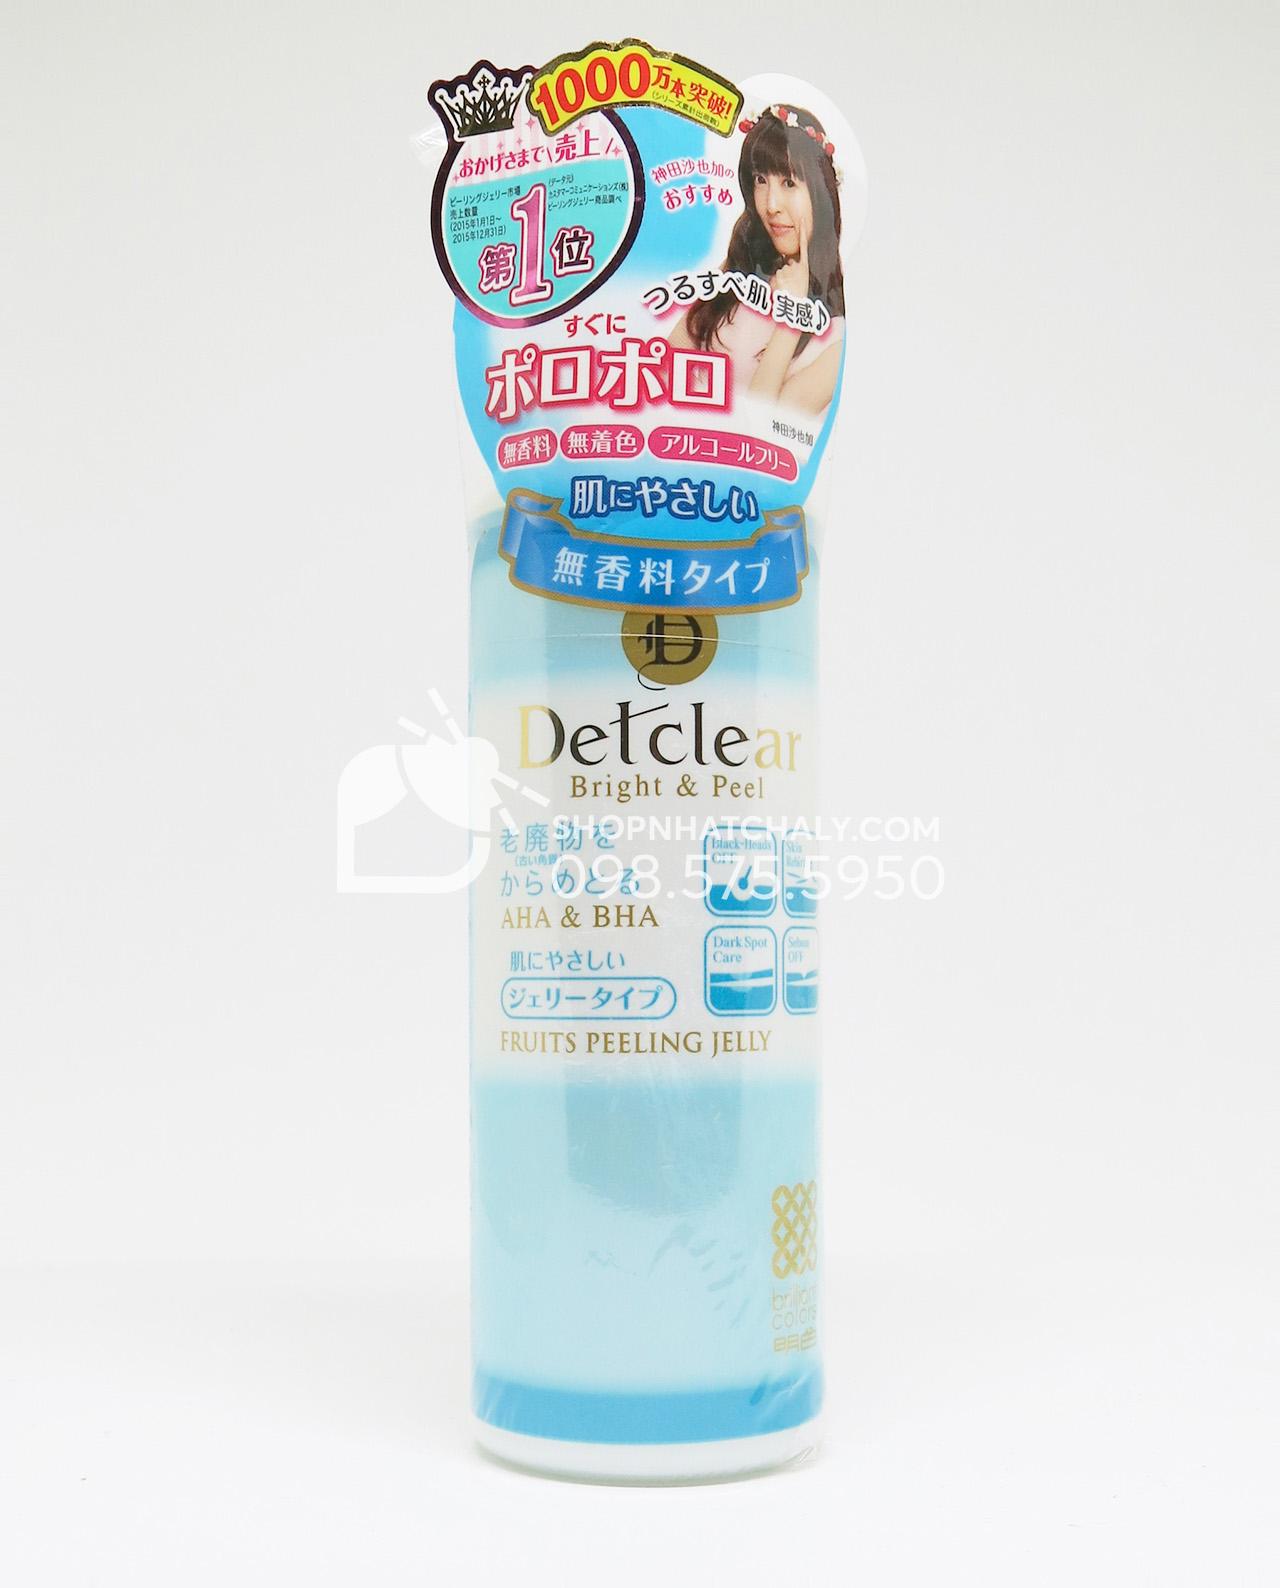 Tẩy trang Detclear màu xanh không cồn, không hương liệu, không mùi an toàn cho da nhạy cảm là loại bán chạy nhất trong các loại tẩy da chết detclear Nhật